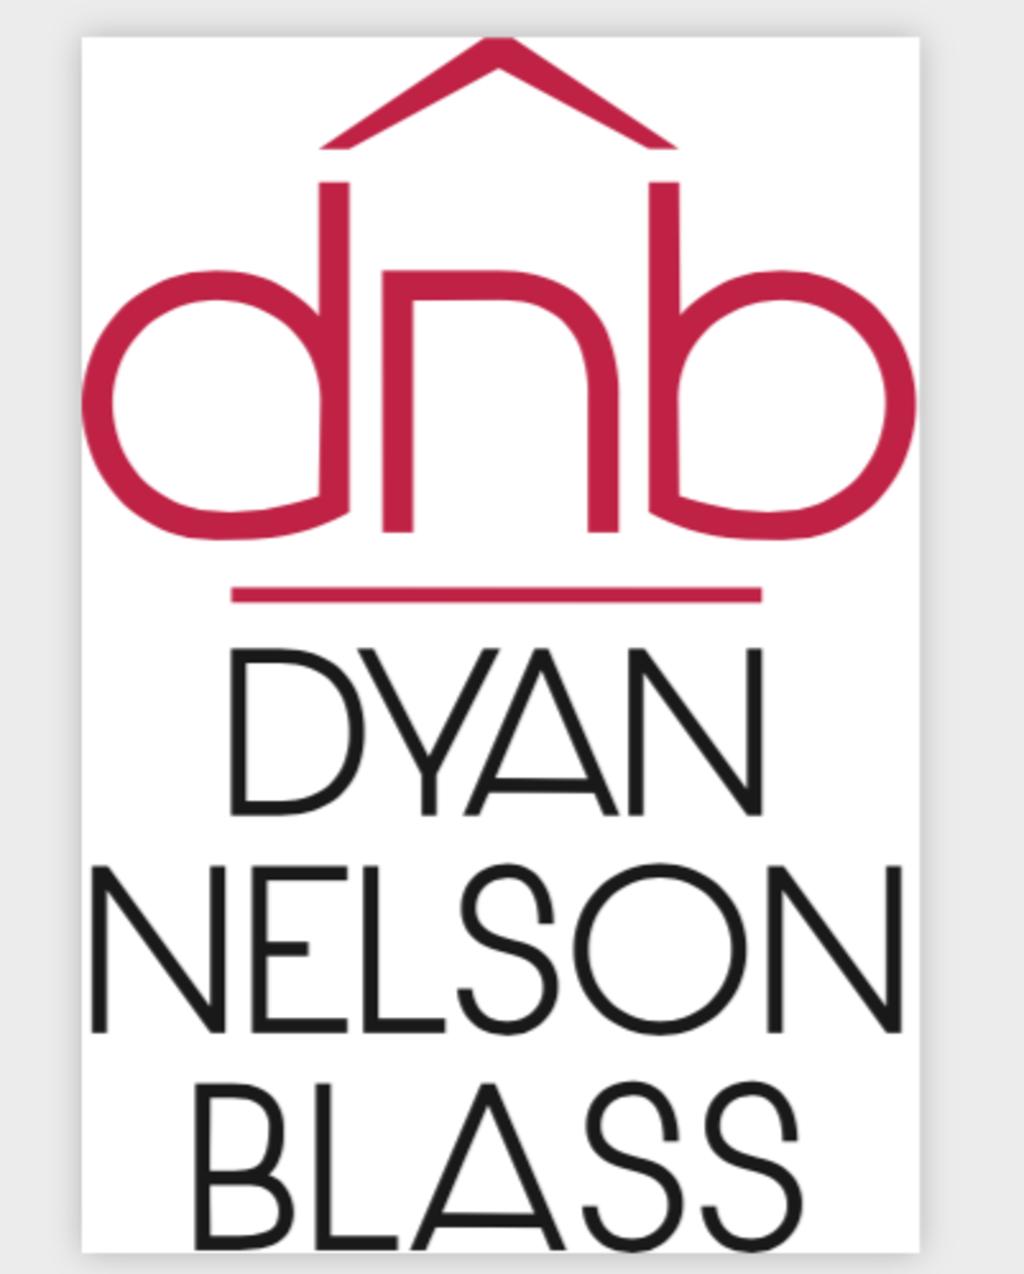 Dyan Nelson Blass